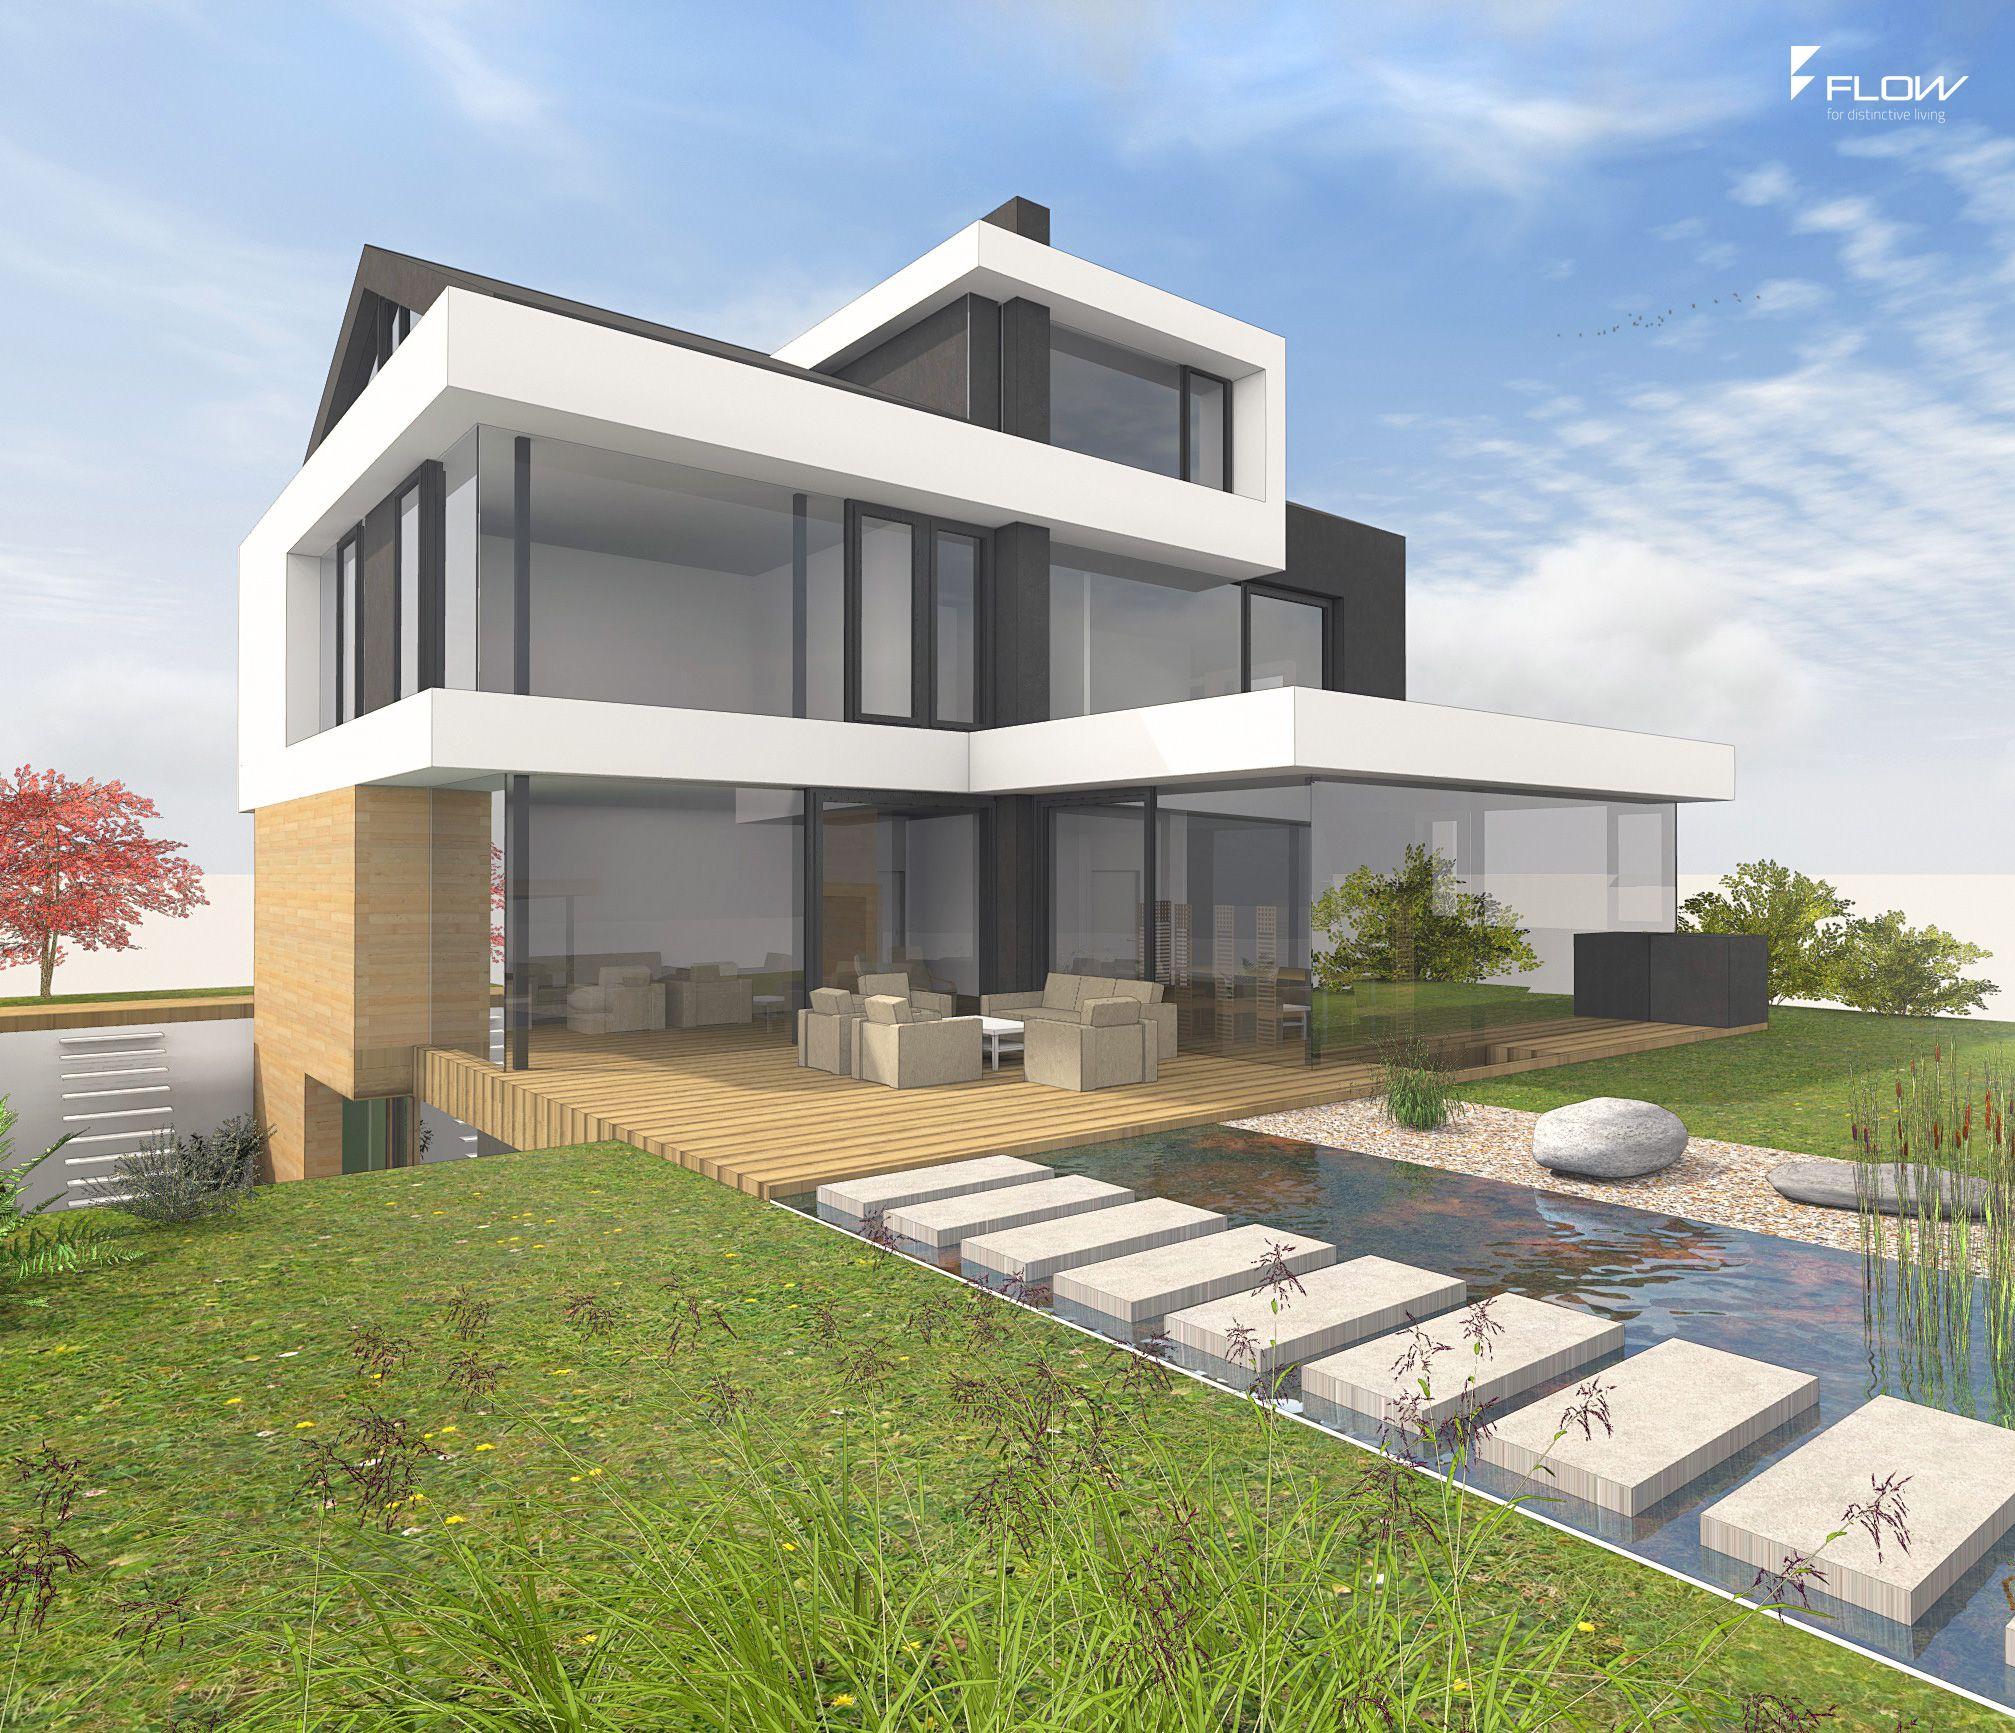 Modernes Satteldachhaus mit Gauben by www.flow-architektur.de ...